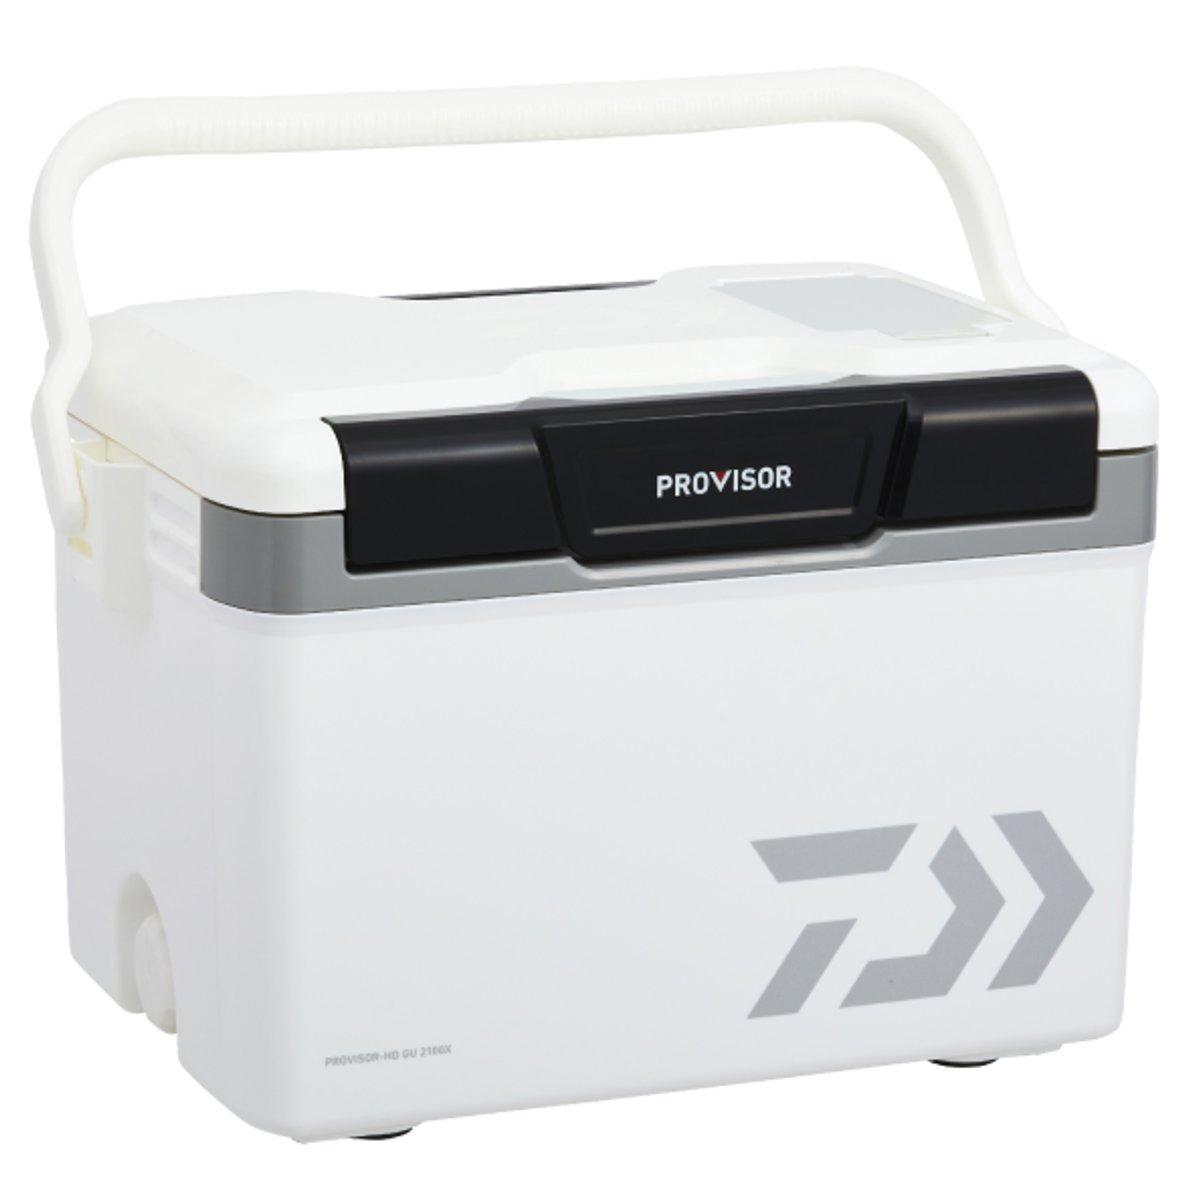 ダイワ プロバイザー HD GU 2100X ブラック クーラーボックス(東日本店)【同梱不可】